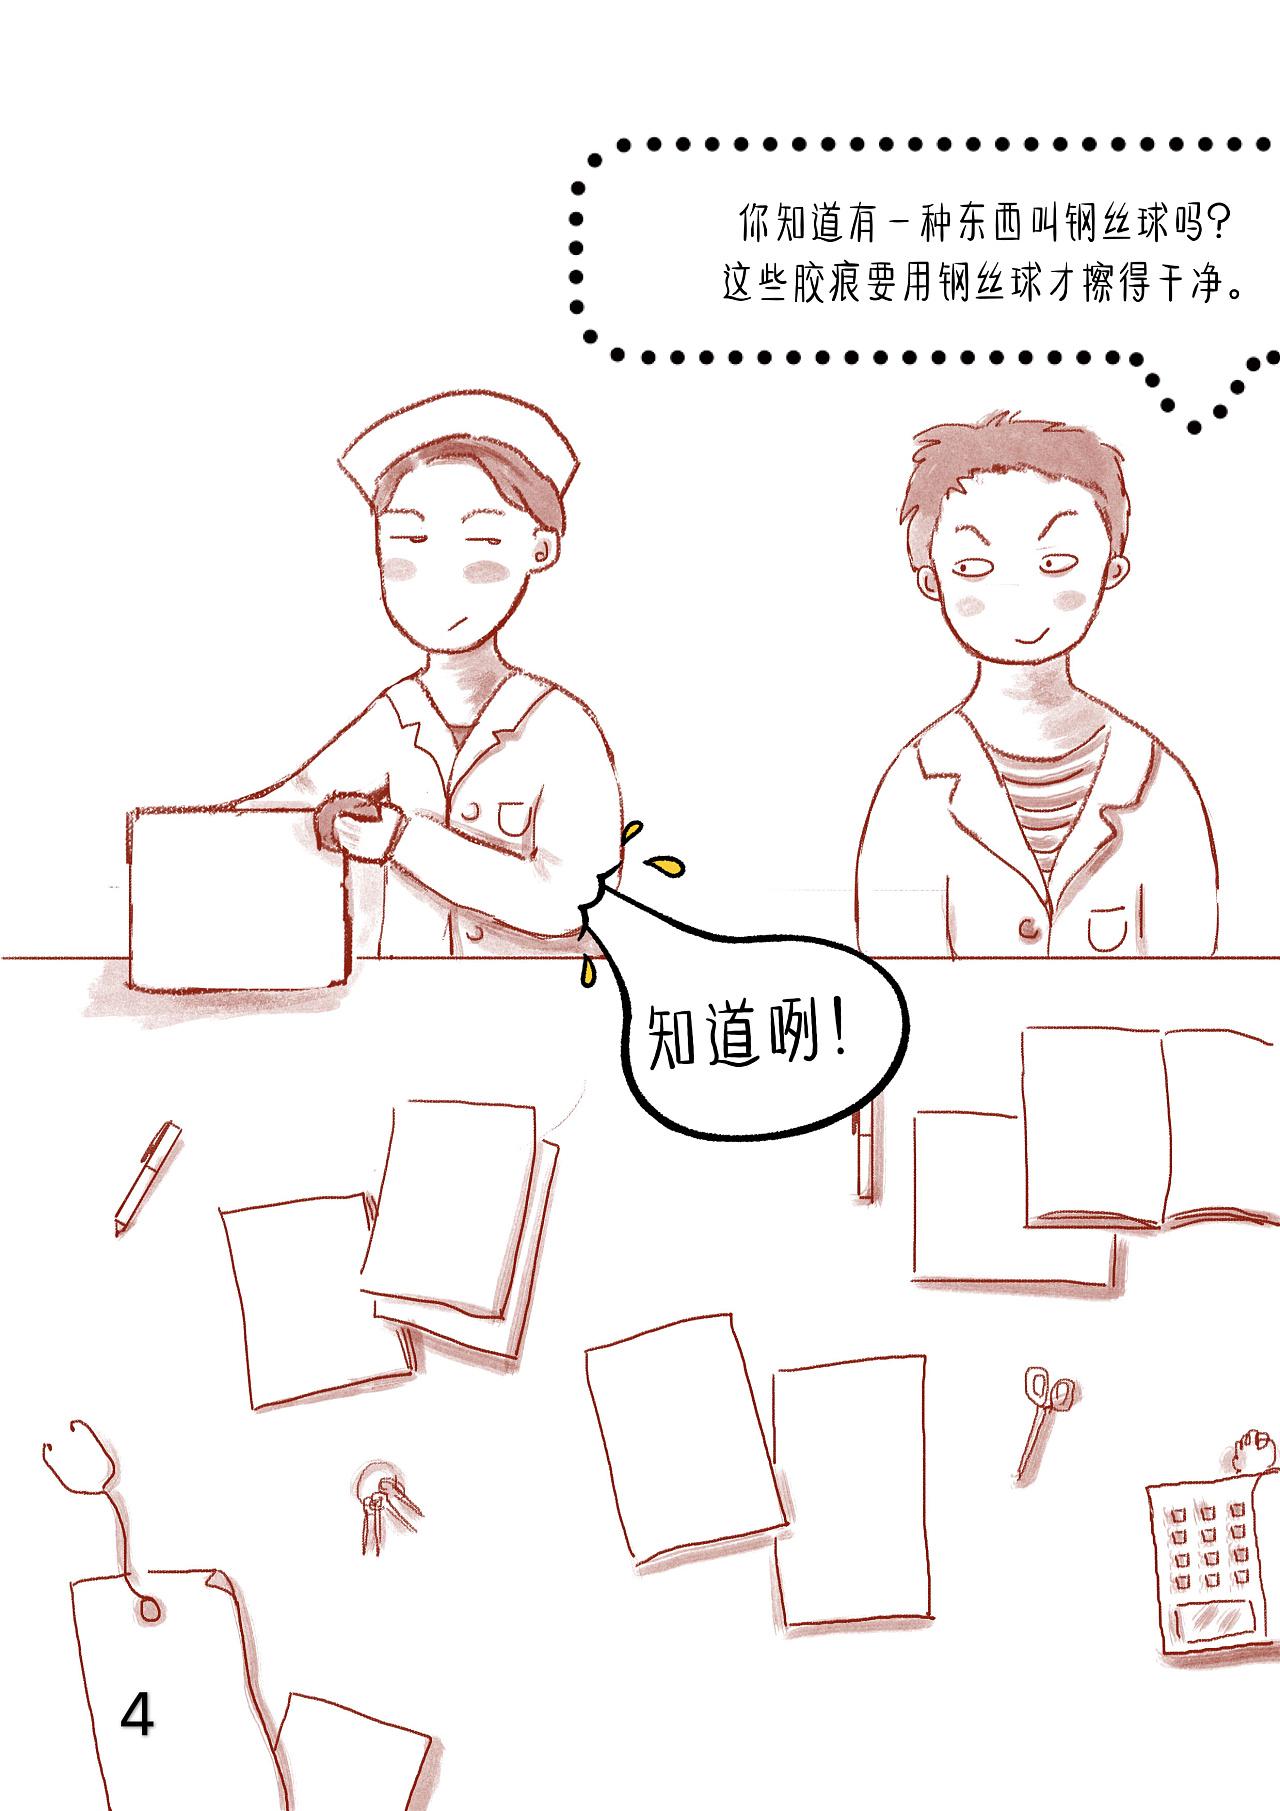 6Sv动漫|动漫|短篇/四格漫画|饭饭大全-原创作品茄子H3d漫画图片